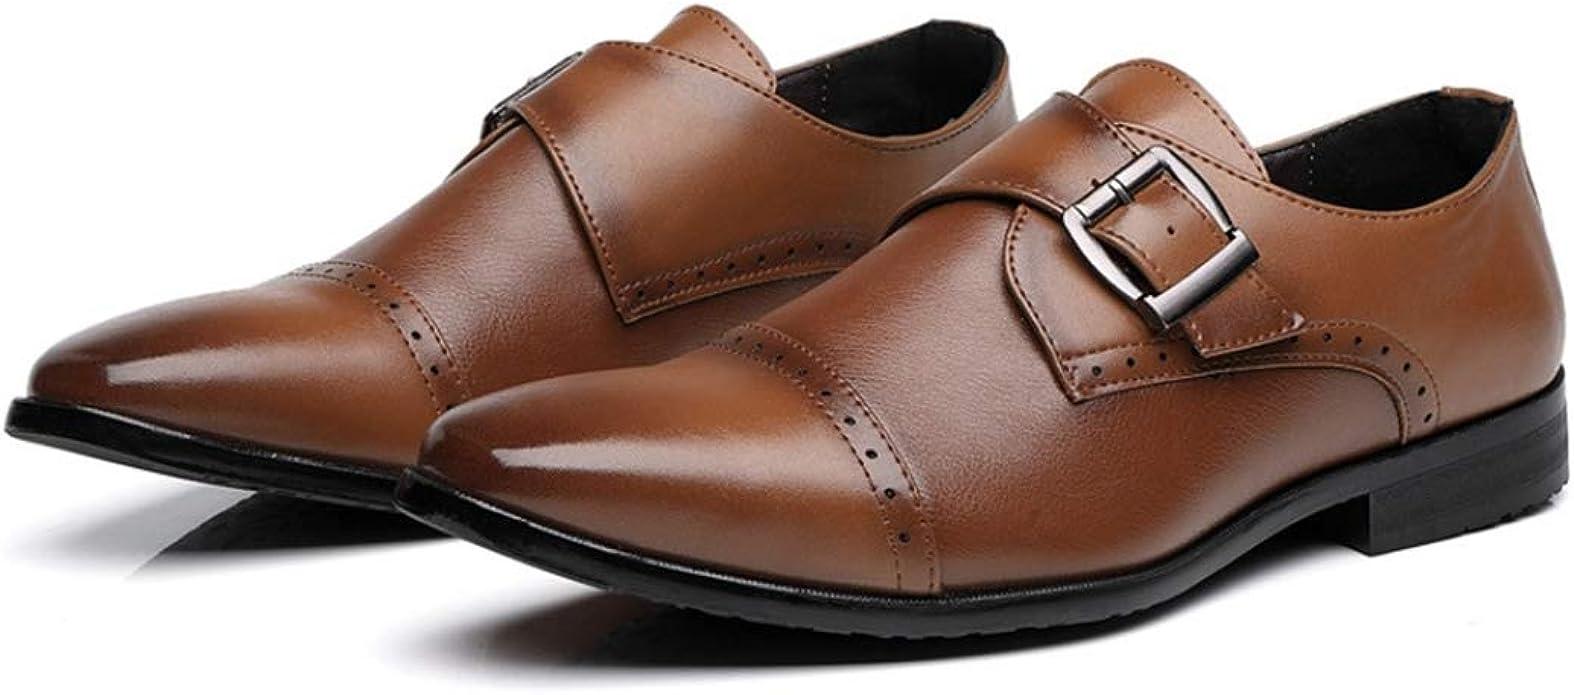 Zapatos Brogue para Hombre Zapatos Antideslizantes Transpirables en Oxfords Mocasines de Vestir Formales de Negocios Trabajo de Oficina Zapatos de Cuero con Punta Puntiaguda: Amazon.es: Zapatos y complementos